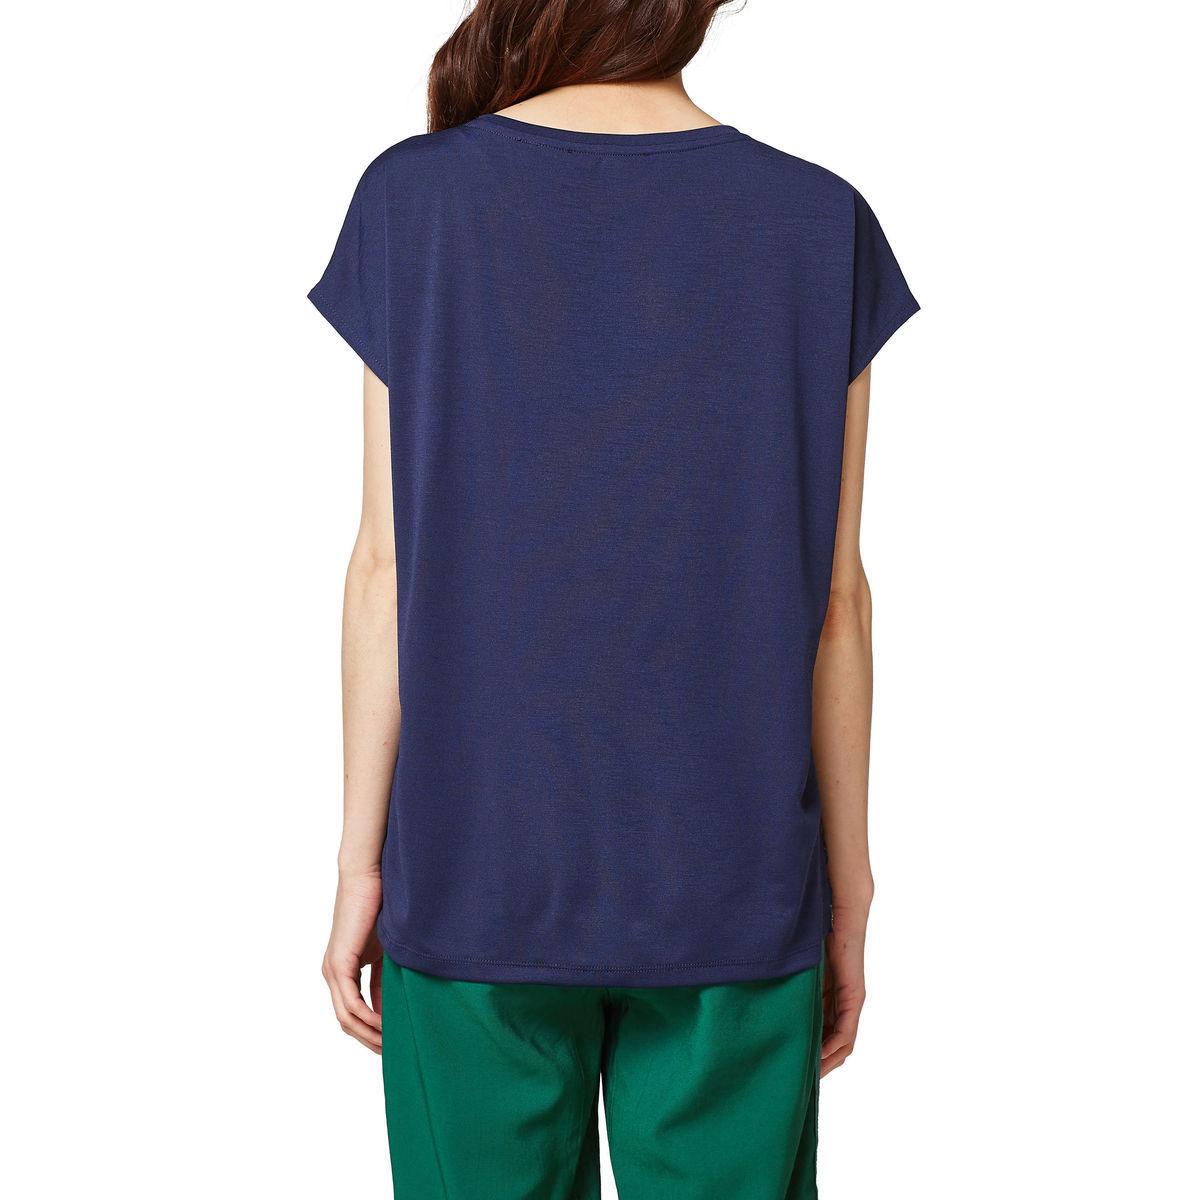 Bild 2 von Esprit Collection Damen Bluse, gemustert